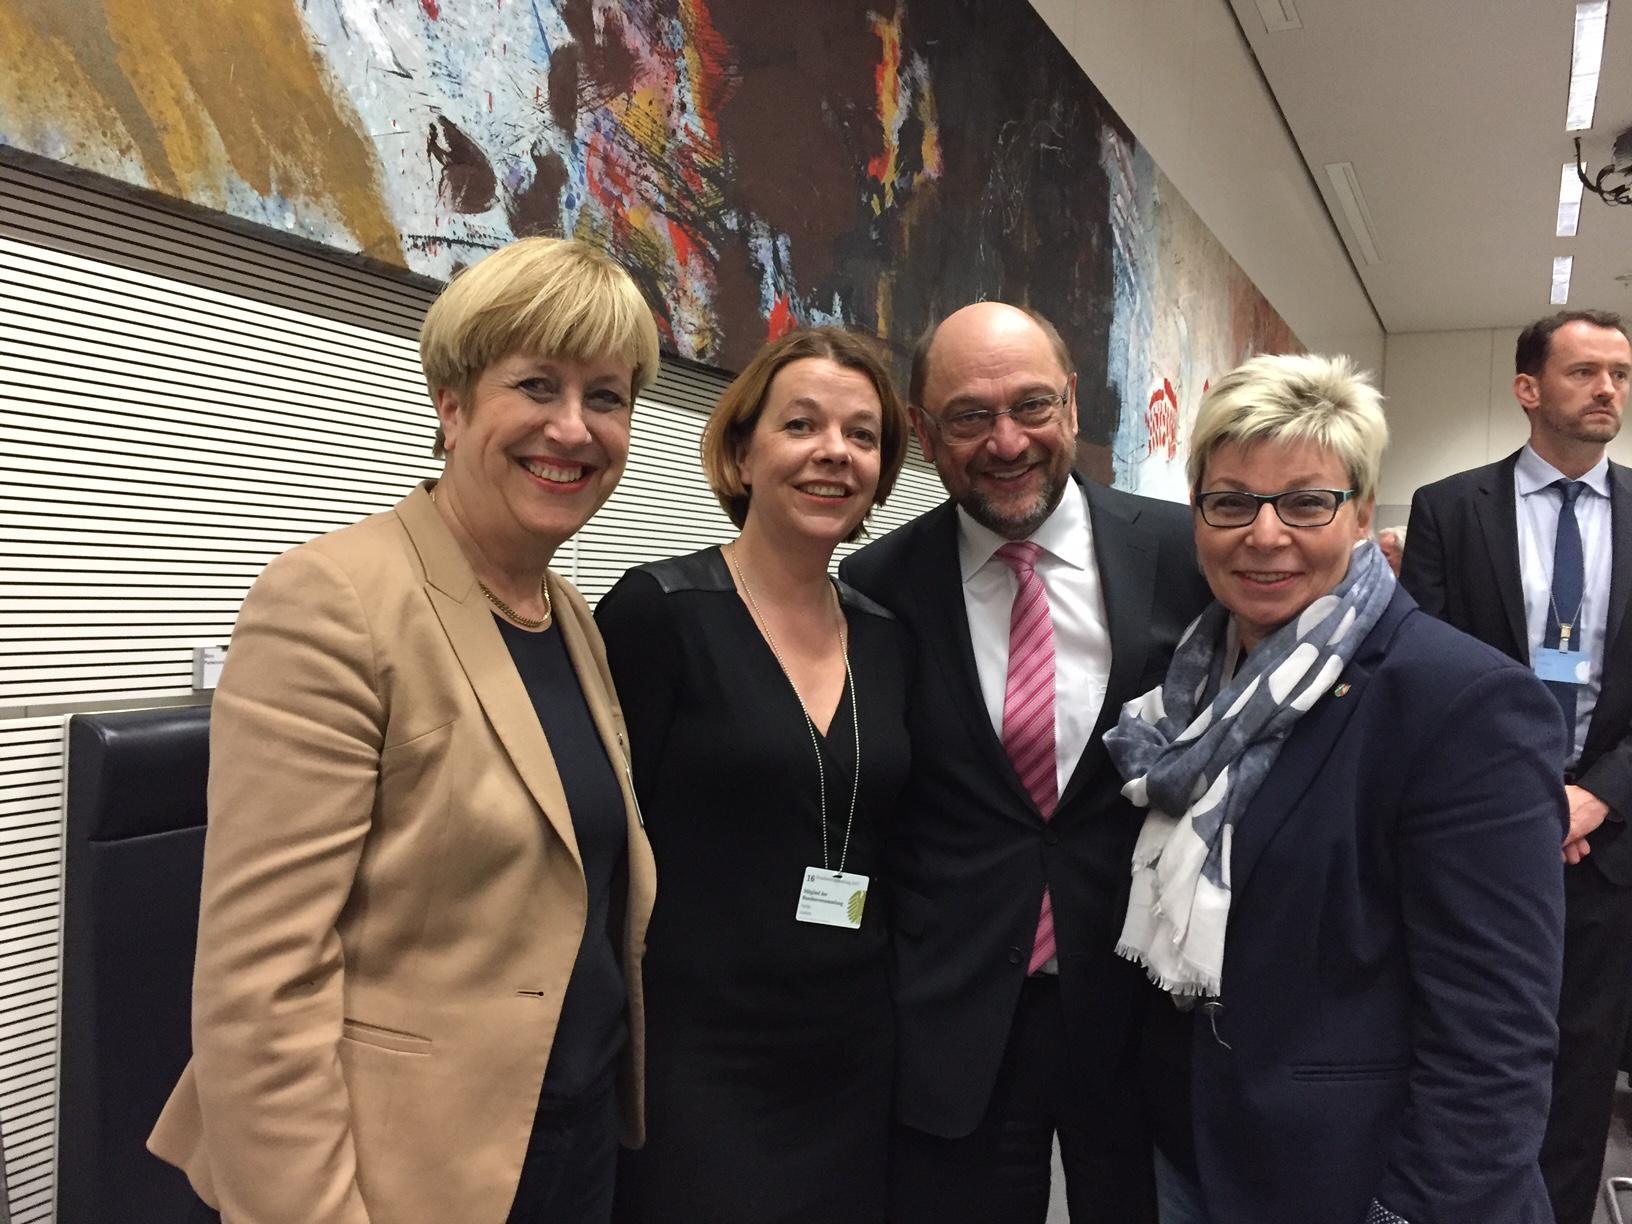 Elisabeth Müller-Witt, Nadja Lüders, Martin Schulz, Carina Gödecke (v.l.n.r.) bei der Bundesversammlung